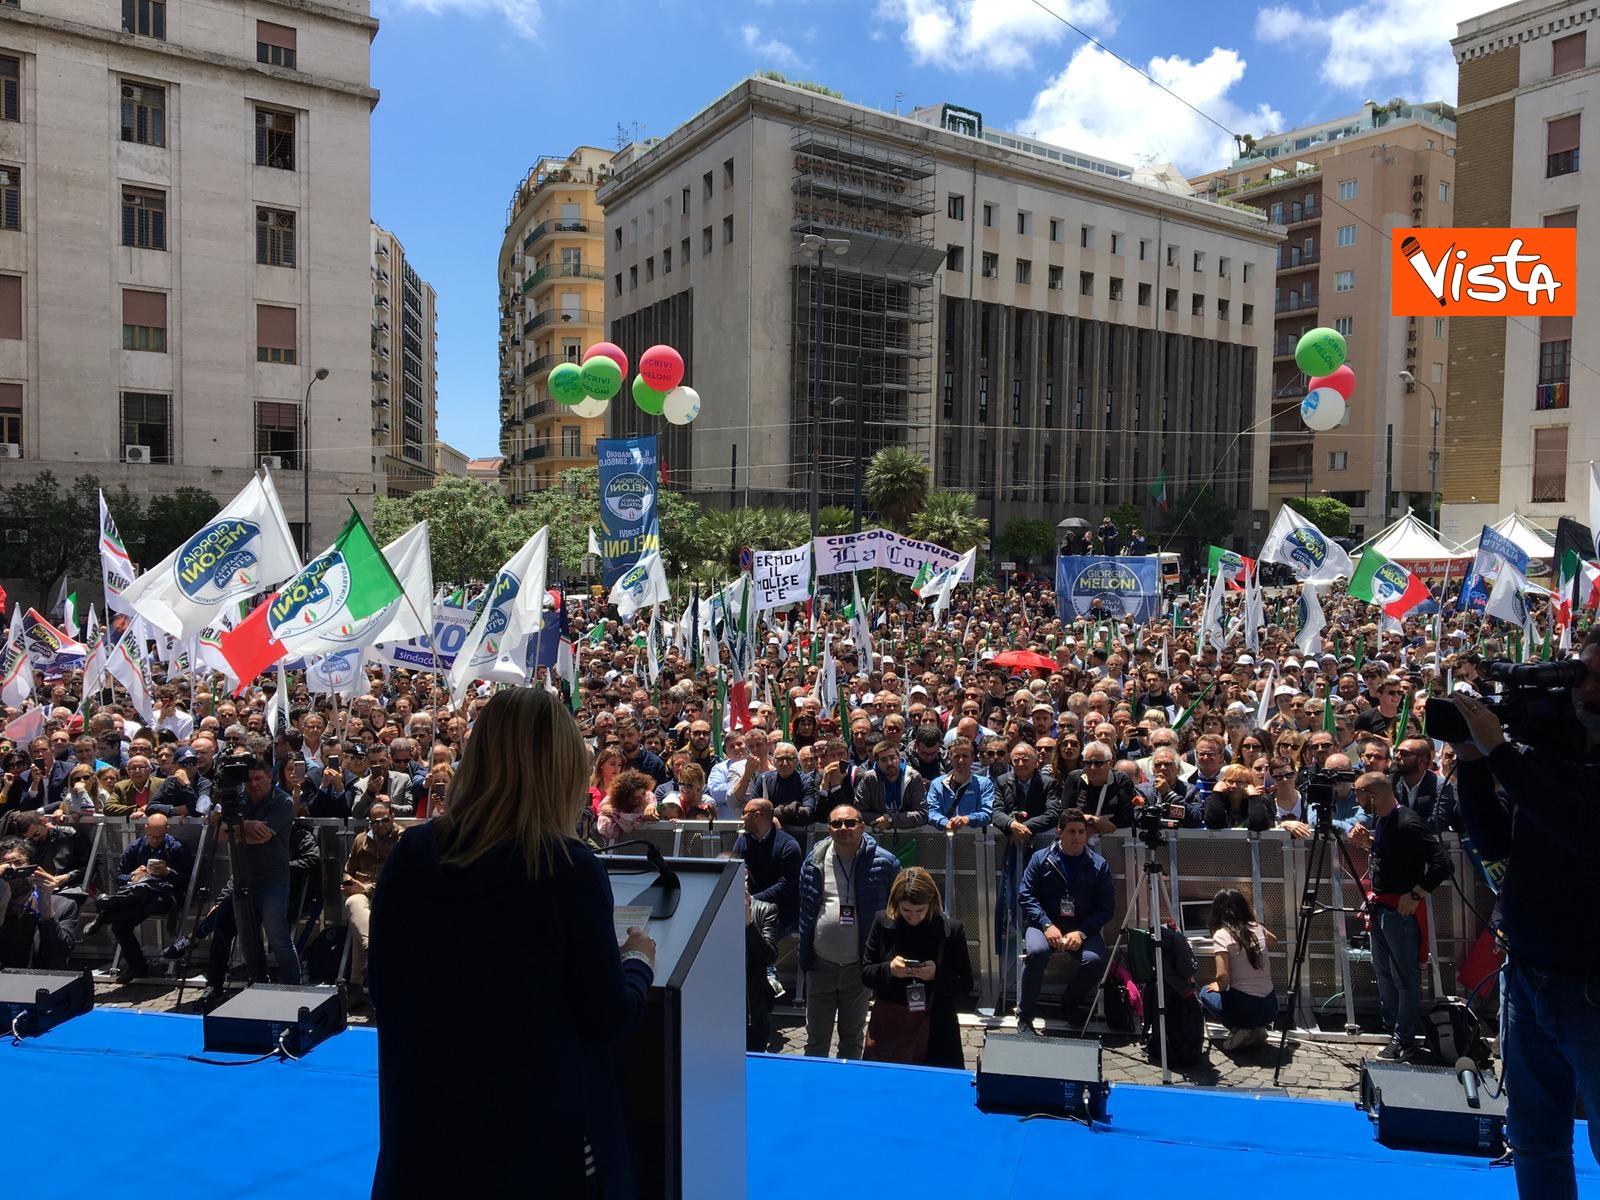 19-05-19 Europee Meloni a Napoli piazza gremita di gente per il comizio della leader di FdI